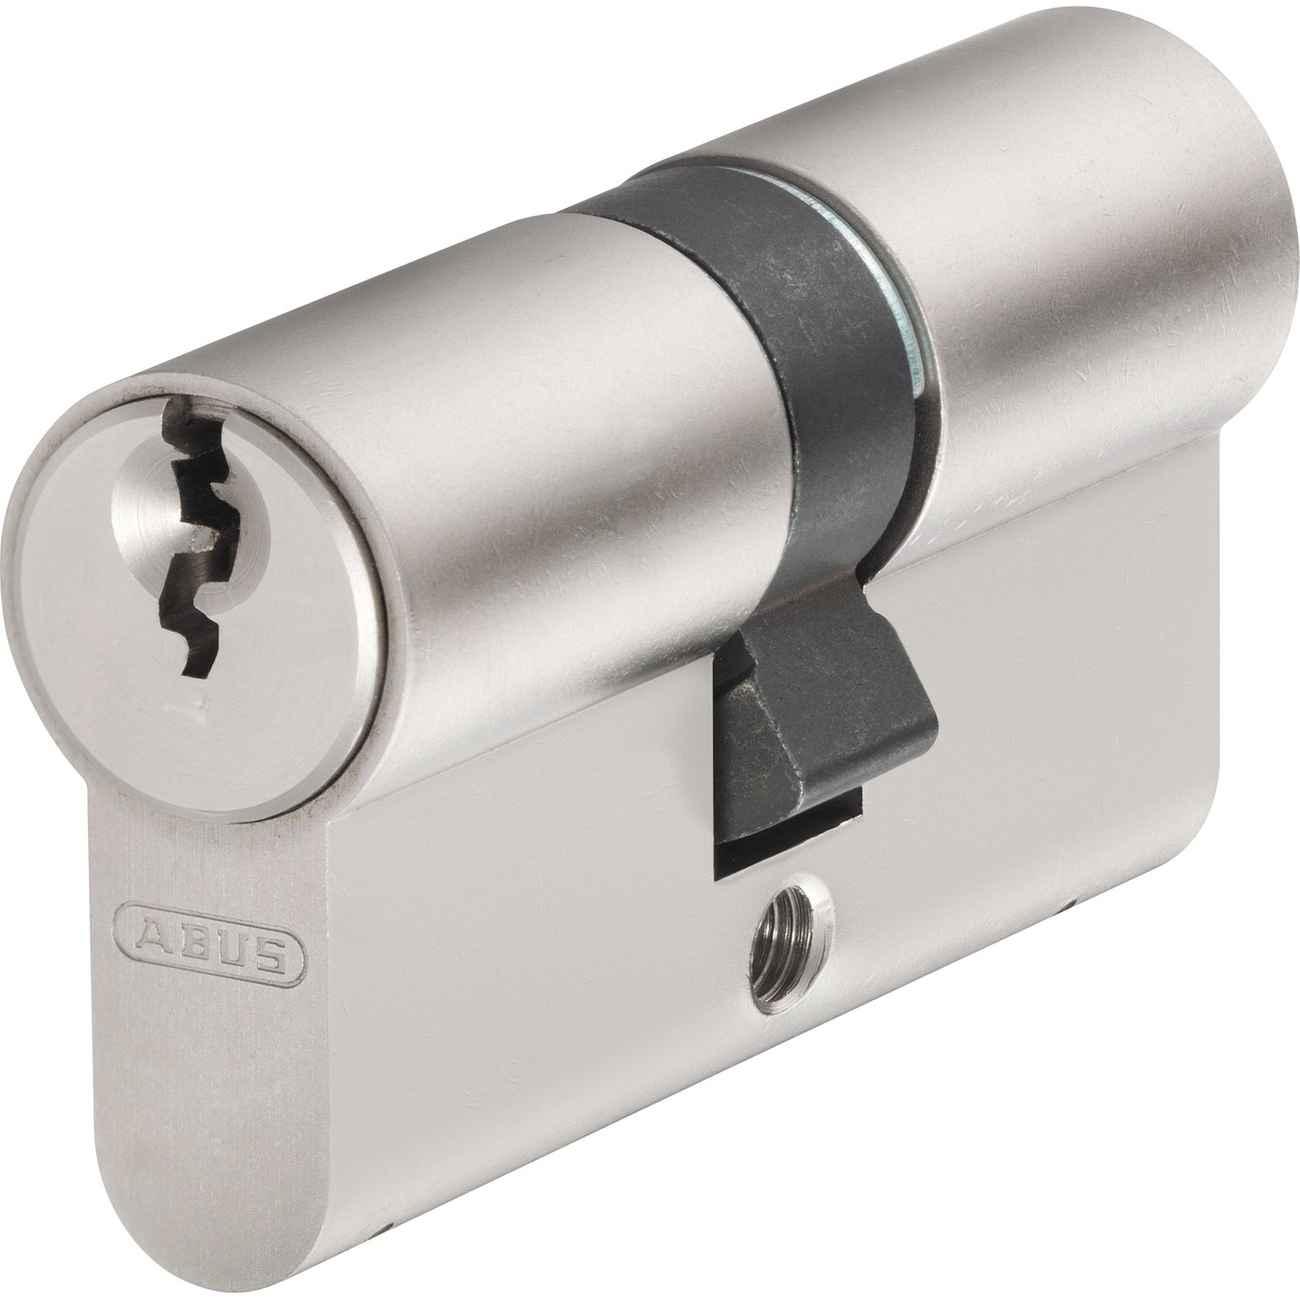 ABUS Profilzylinder E20NP Länge 40/40 Türzylinder mit Profilschlüssel – Bild 1